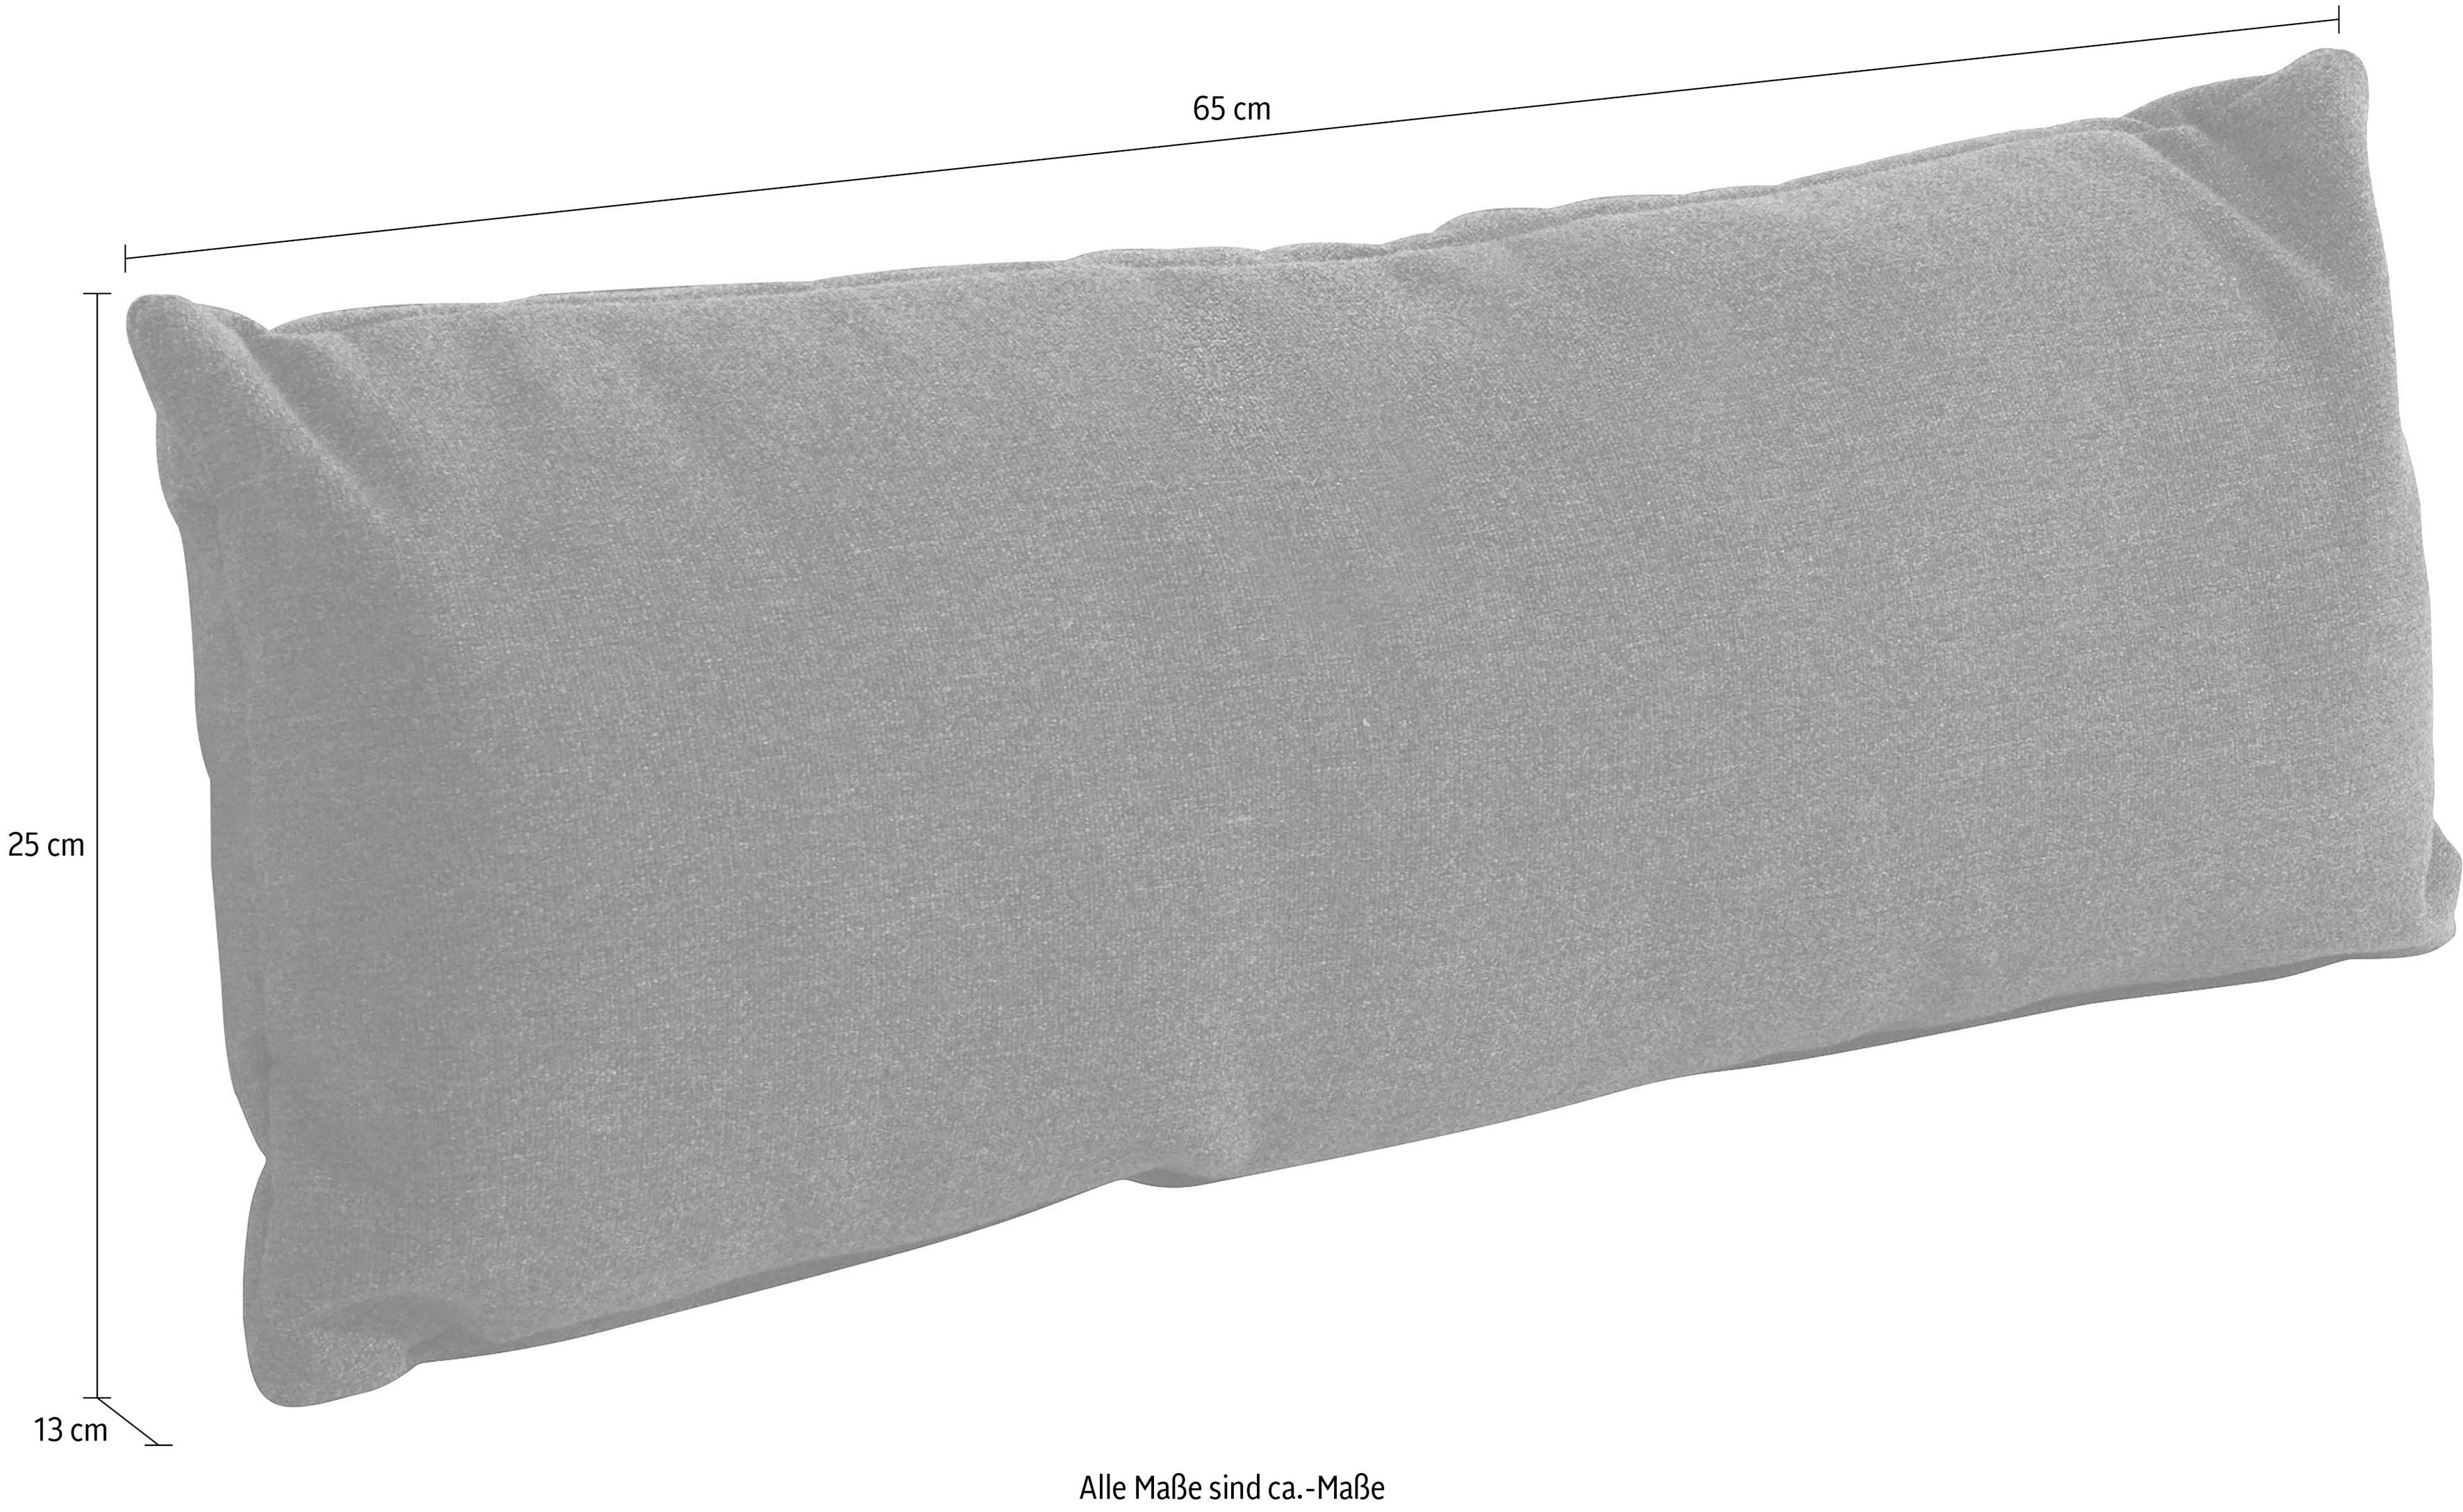 sit&more Polsterauflage (Set) weiß Dekokissen uni Kissen Polsterauflagen